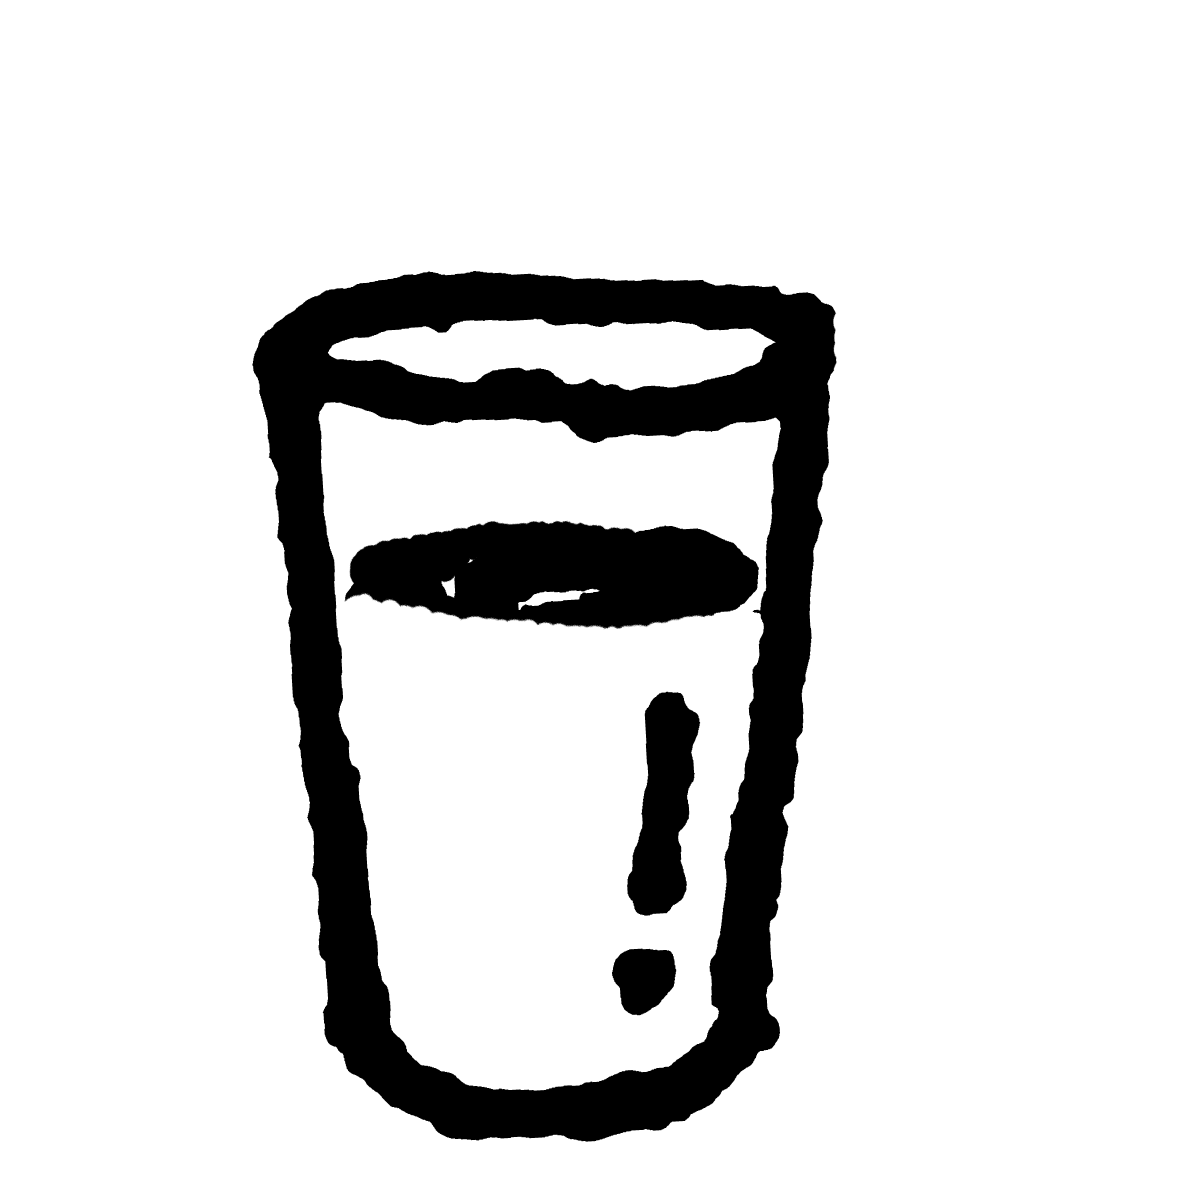 コップの水のイラスト / Glass of water Illustration